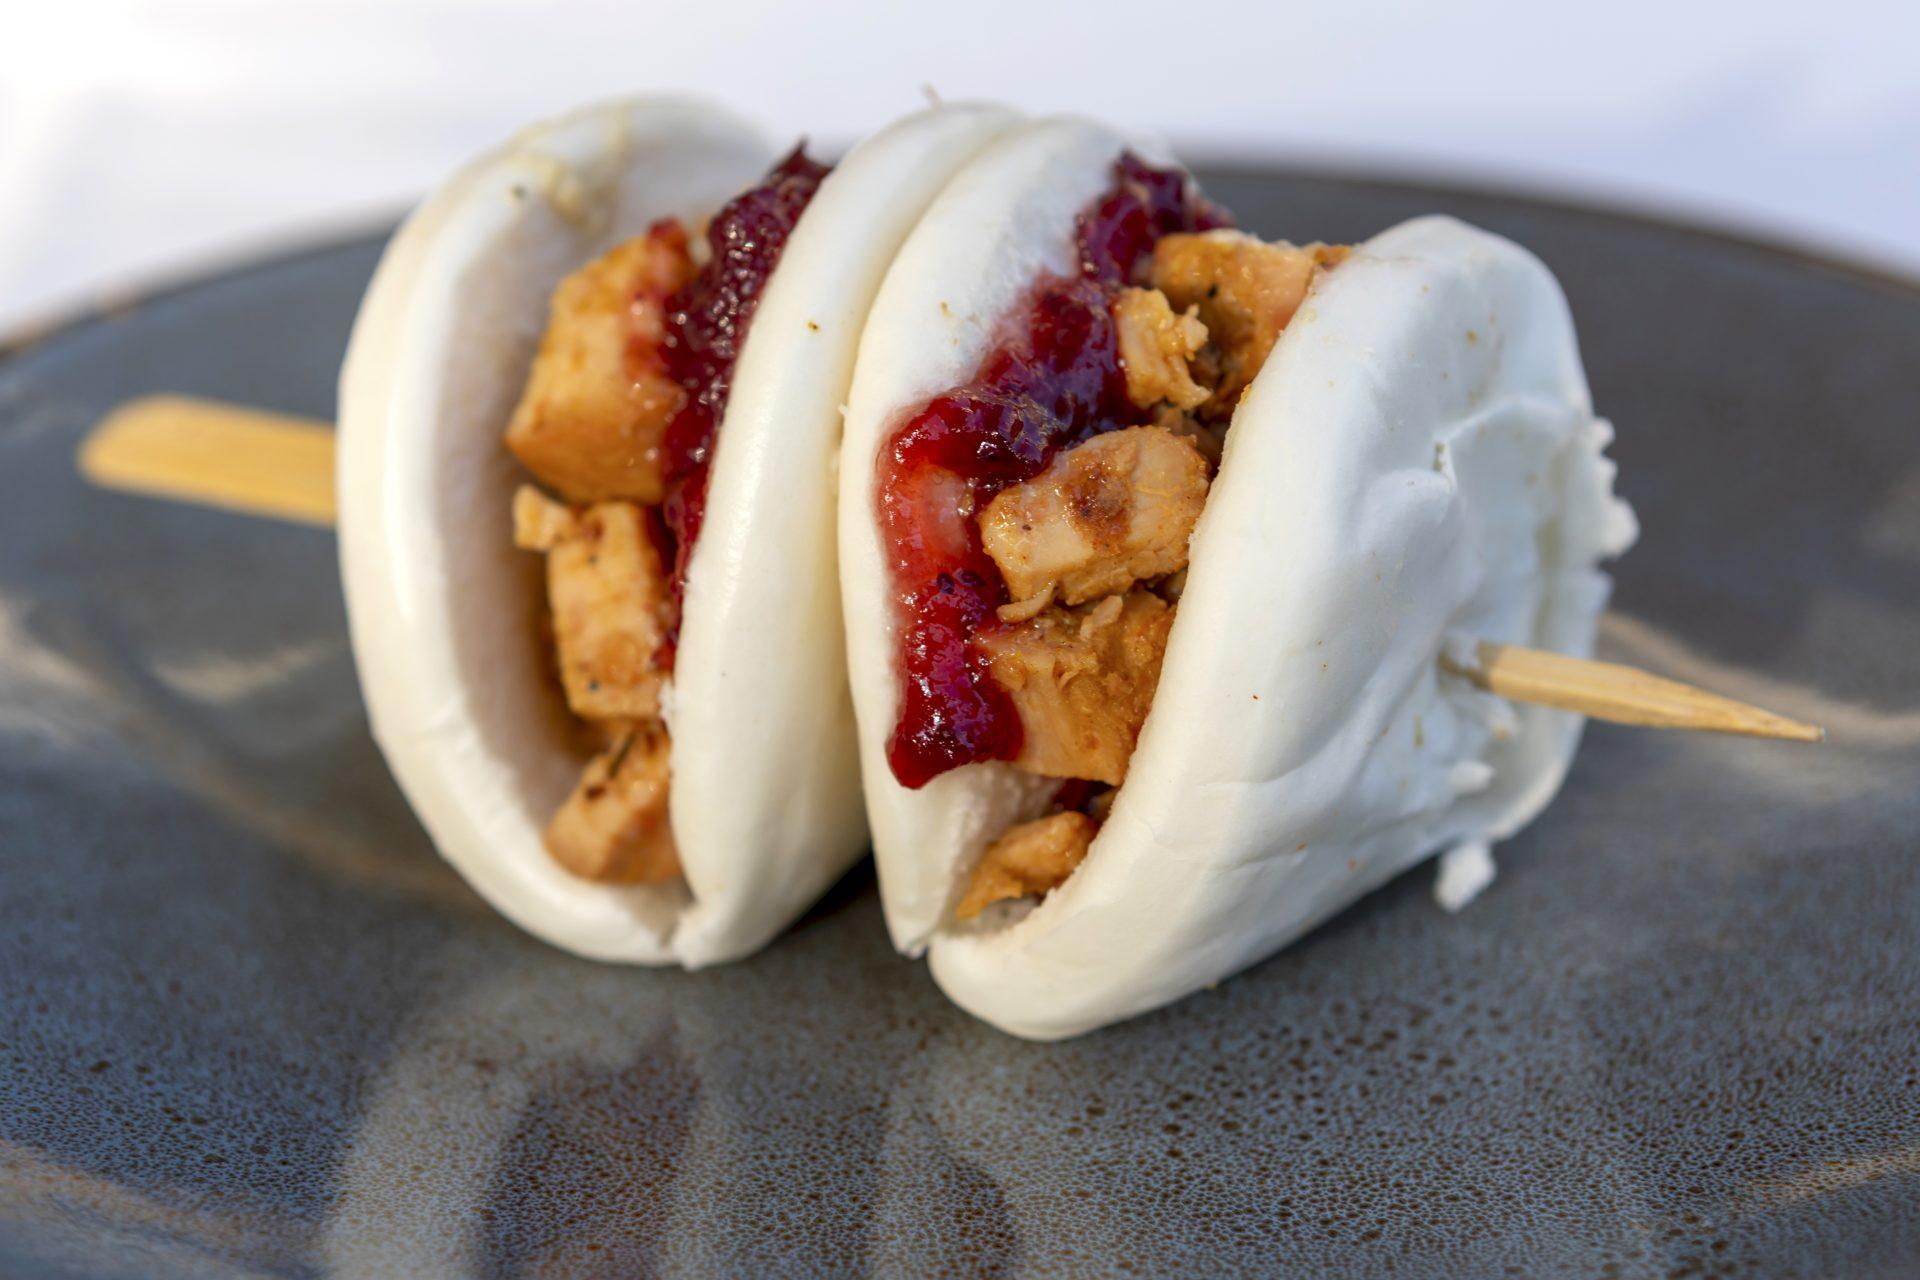 Τα κρητικά bao bun αποτελούν μια πραγματικά ιδιαίτερη πρόταση, την οποία μπορείτε να δοκιμάσετε.